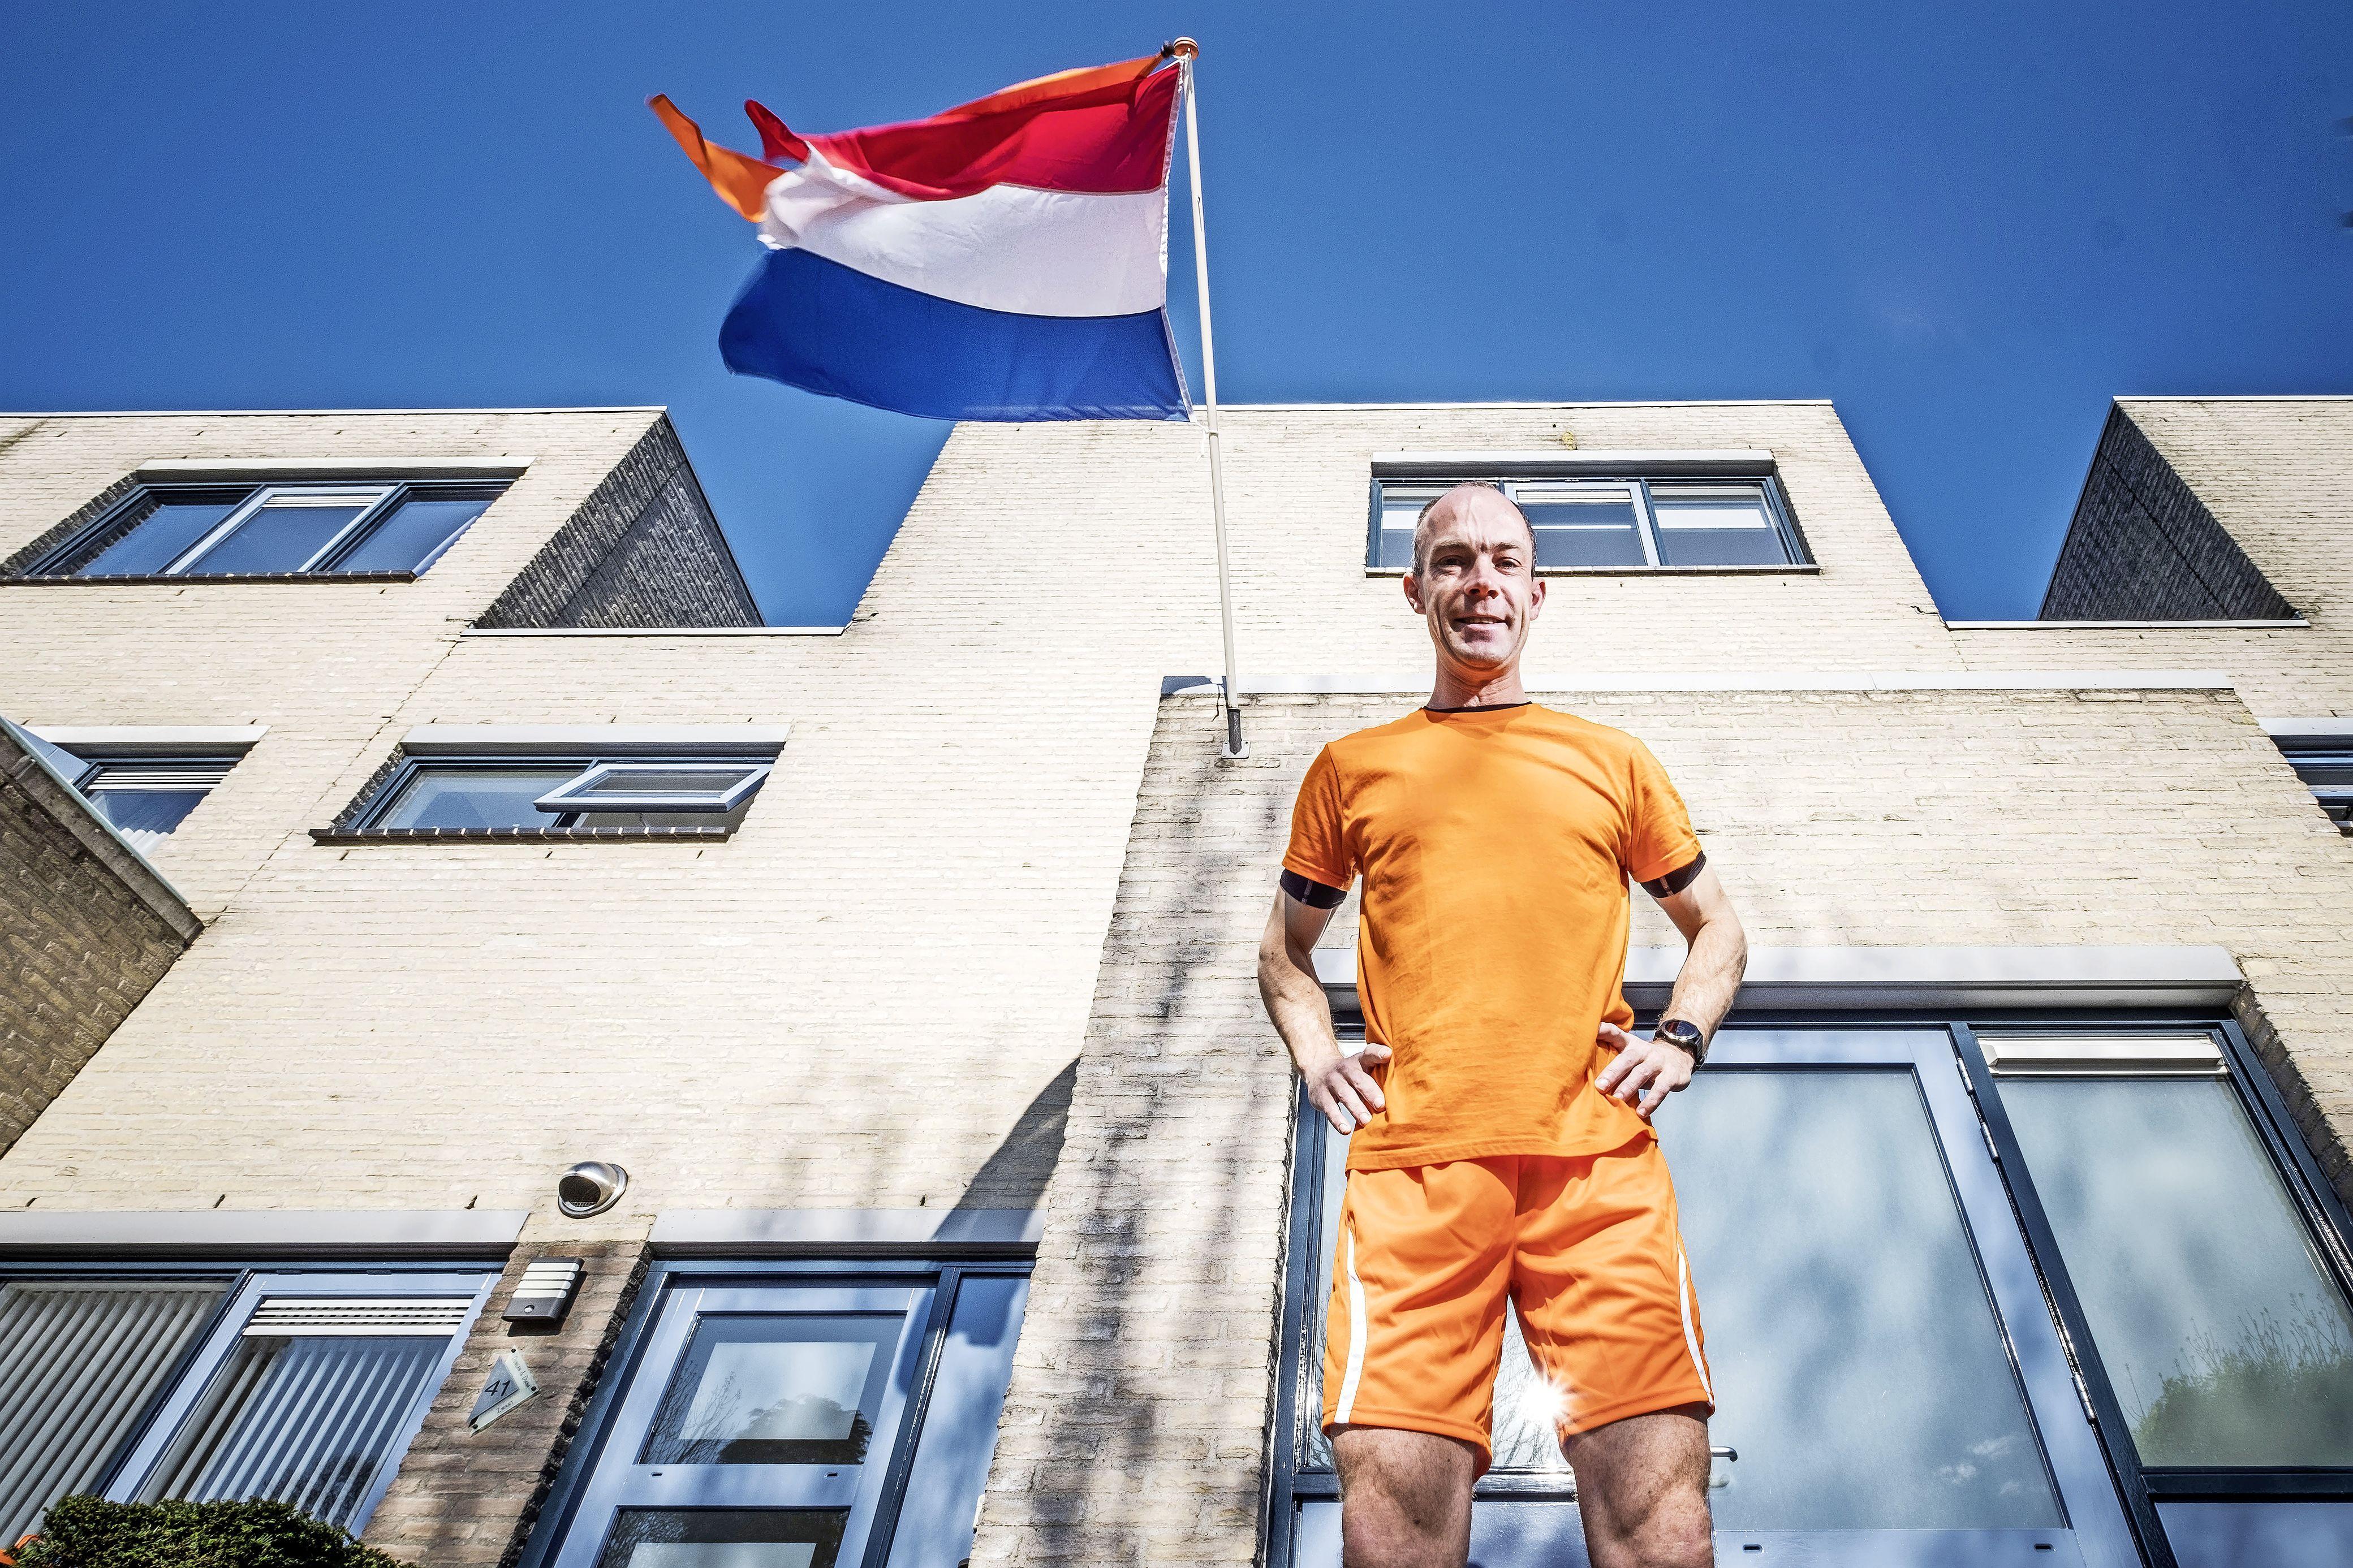 Wat kun je doen op Koningsdag in coronatijd? Nou, een marathon lopen bijvoorbeeld. In het oranje rent Duncan (39) kriskras door het hele dorp. 'Ik wist niet wat ik meemaakte'